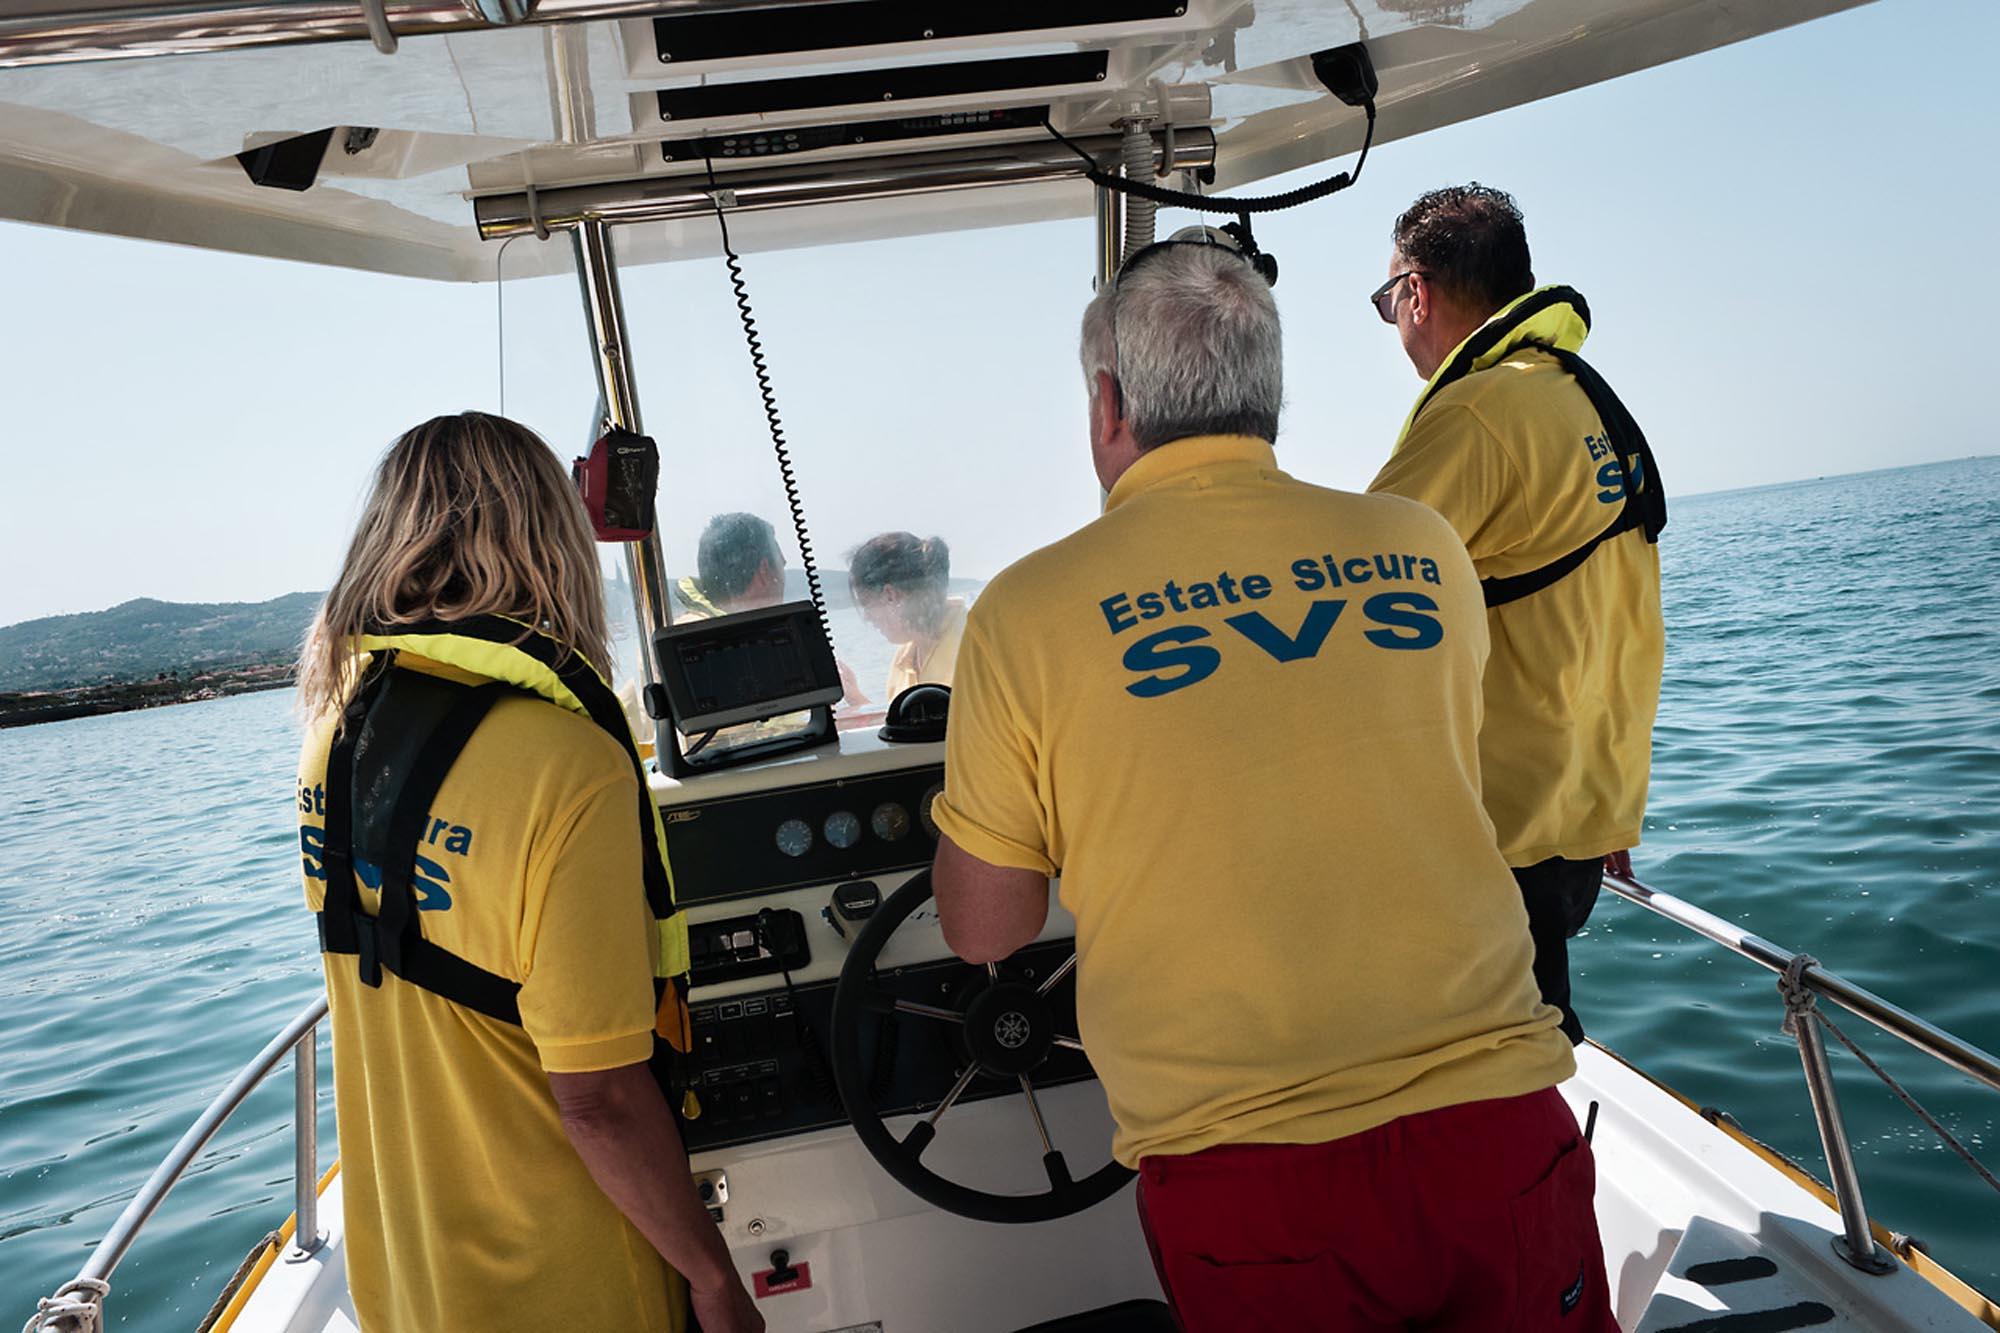 0037 Volontari sicurezza mare 2 - Storie di volontariato toscano